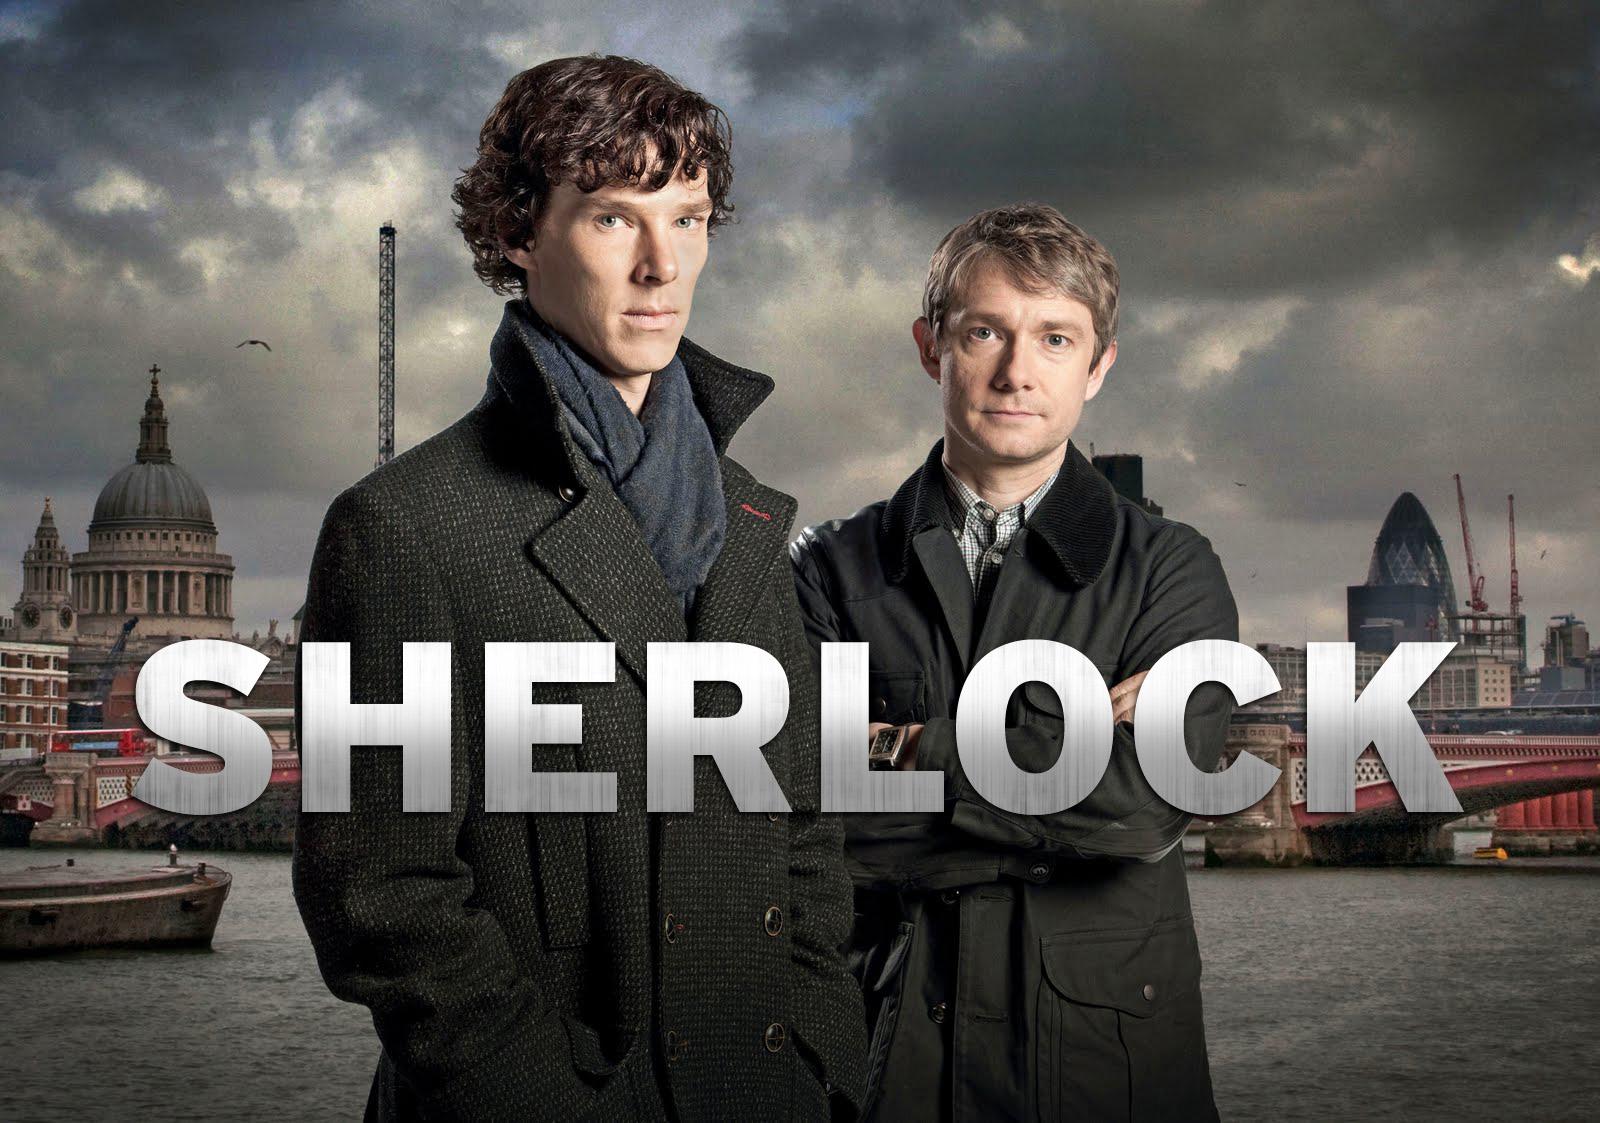 https://cinemaplanet.pt/wp-content/uploads/2016/04/Sherlock.jpg